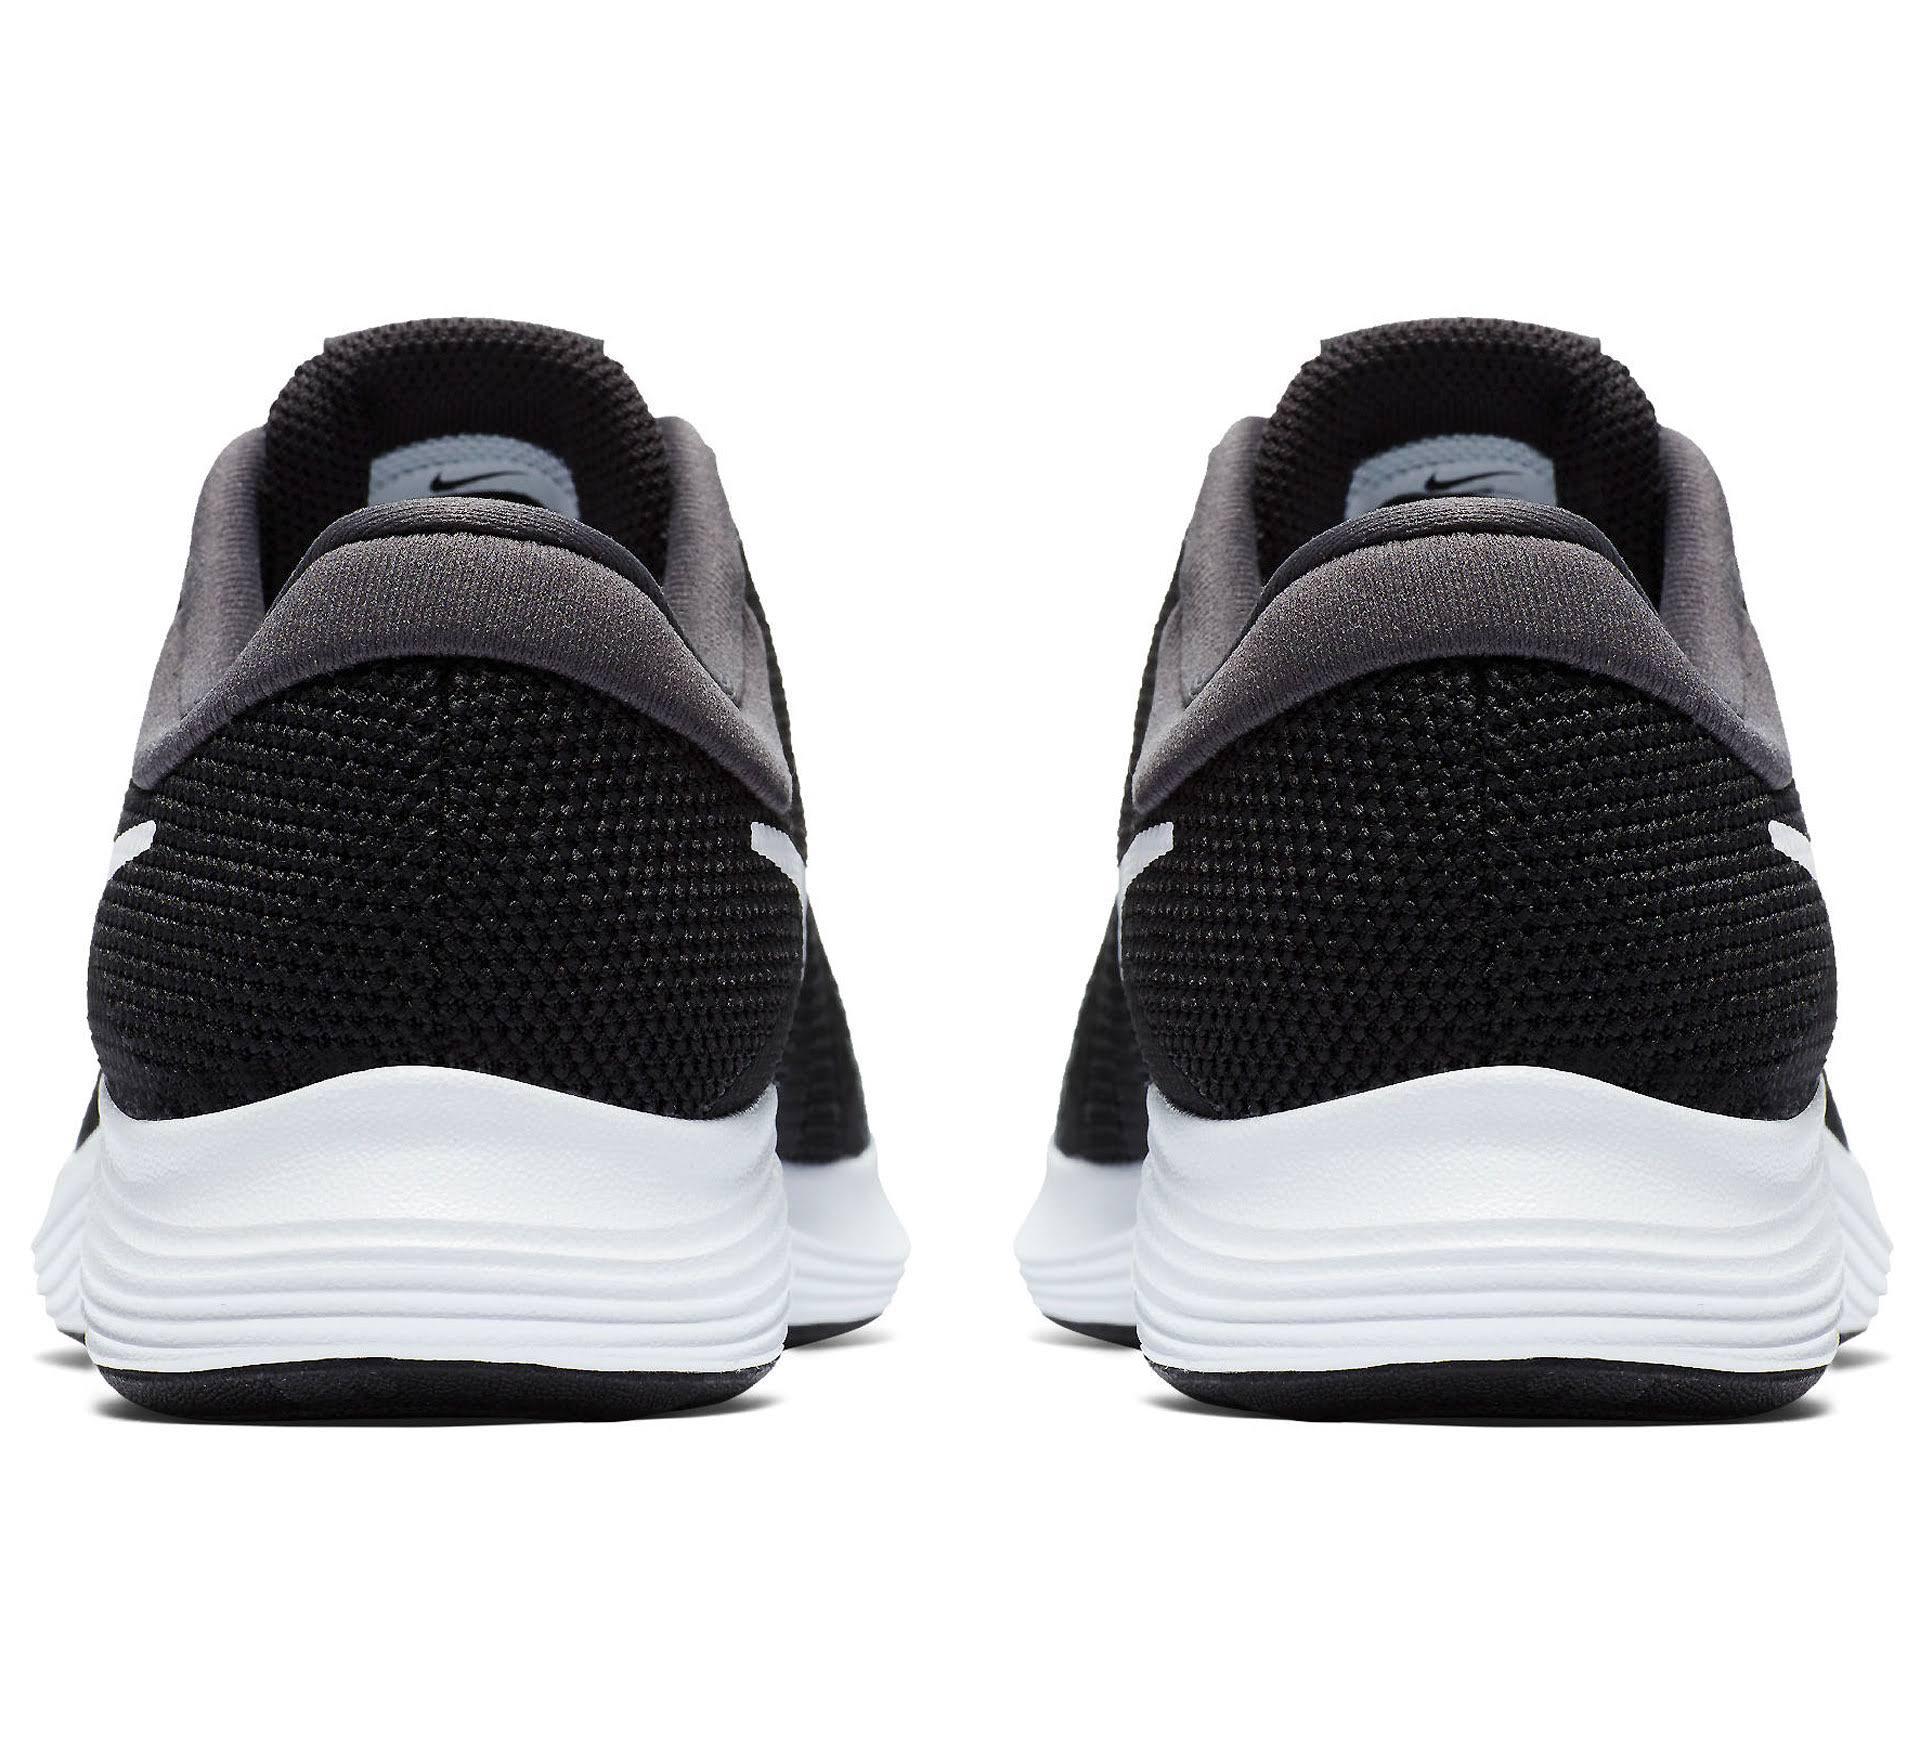 Größe Kinder Schwarz 4 Schwarz Weiß Laufschuhe anthrazit Farbe Nike Revolution weiß qwAOZA8x